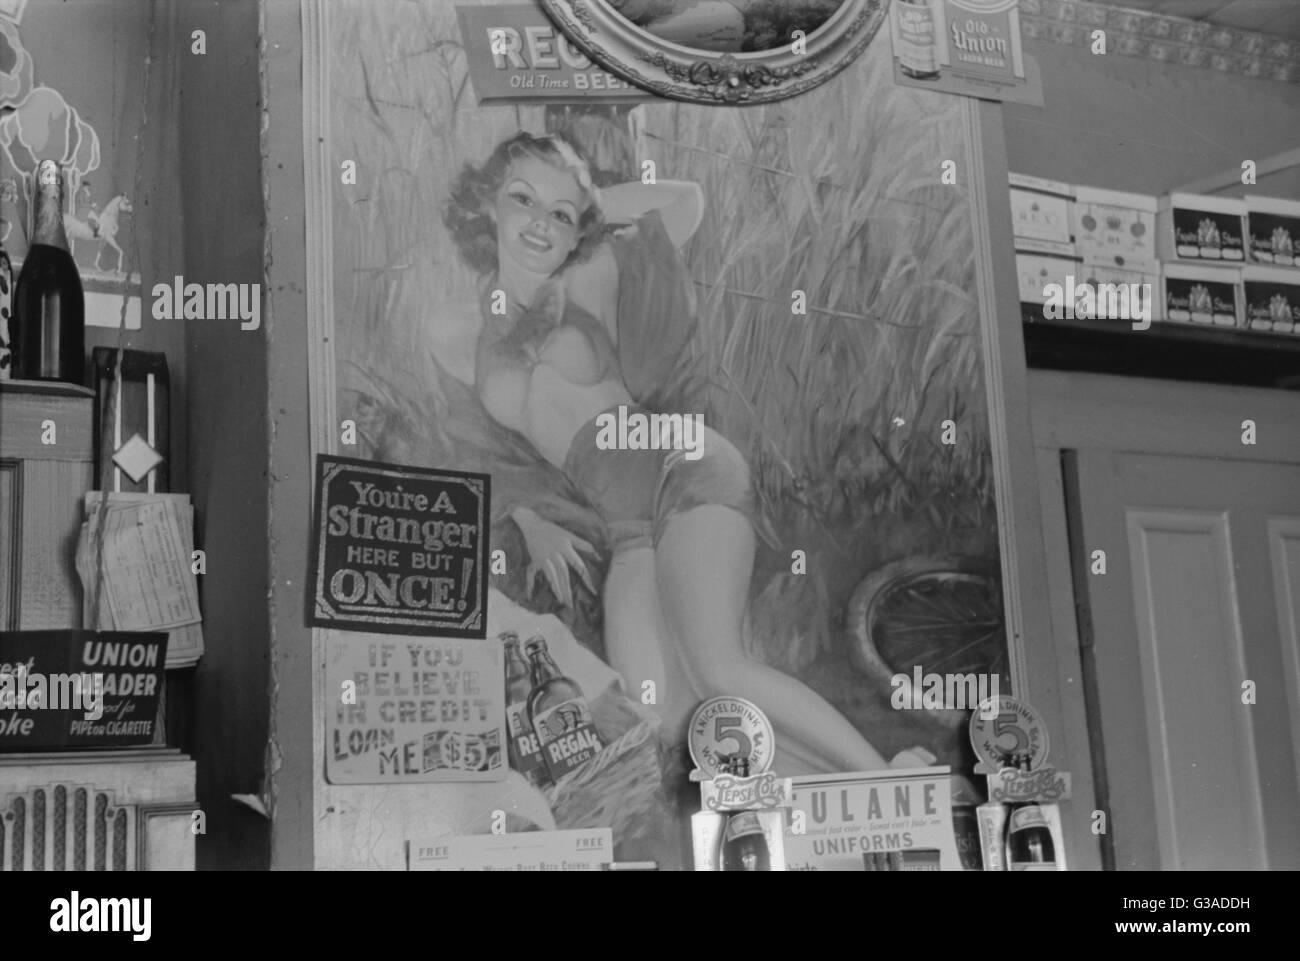 Sign in country store près de vacherie, en Louisiane. Septembre 1938 Date Banque D'Images